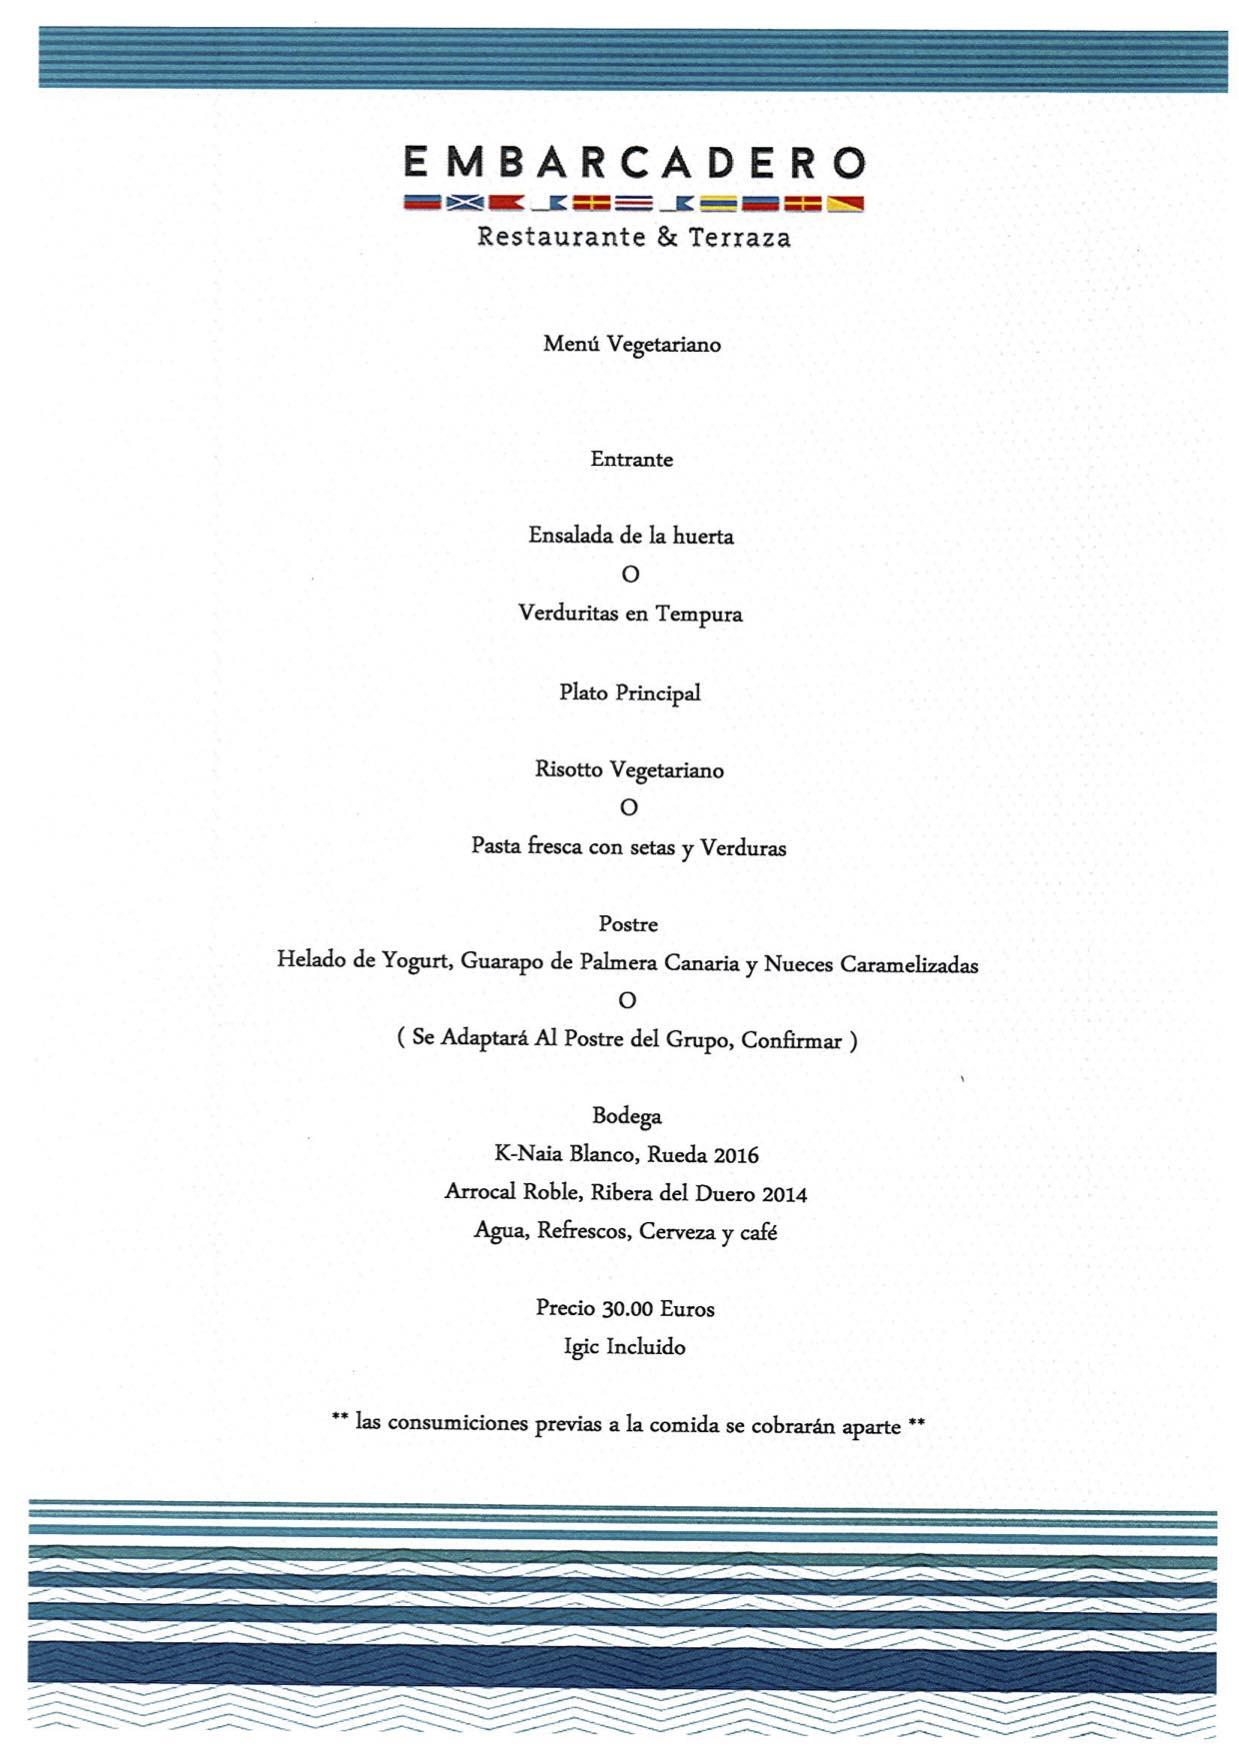 embarcadero-eventos-menu-vegetariano